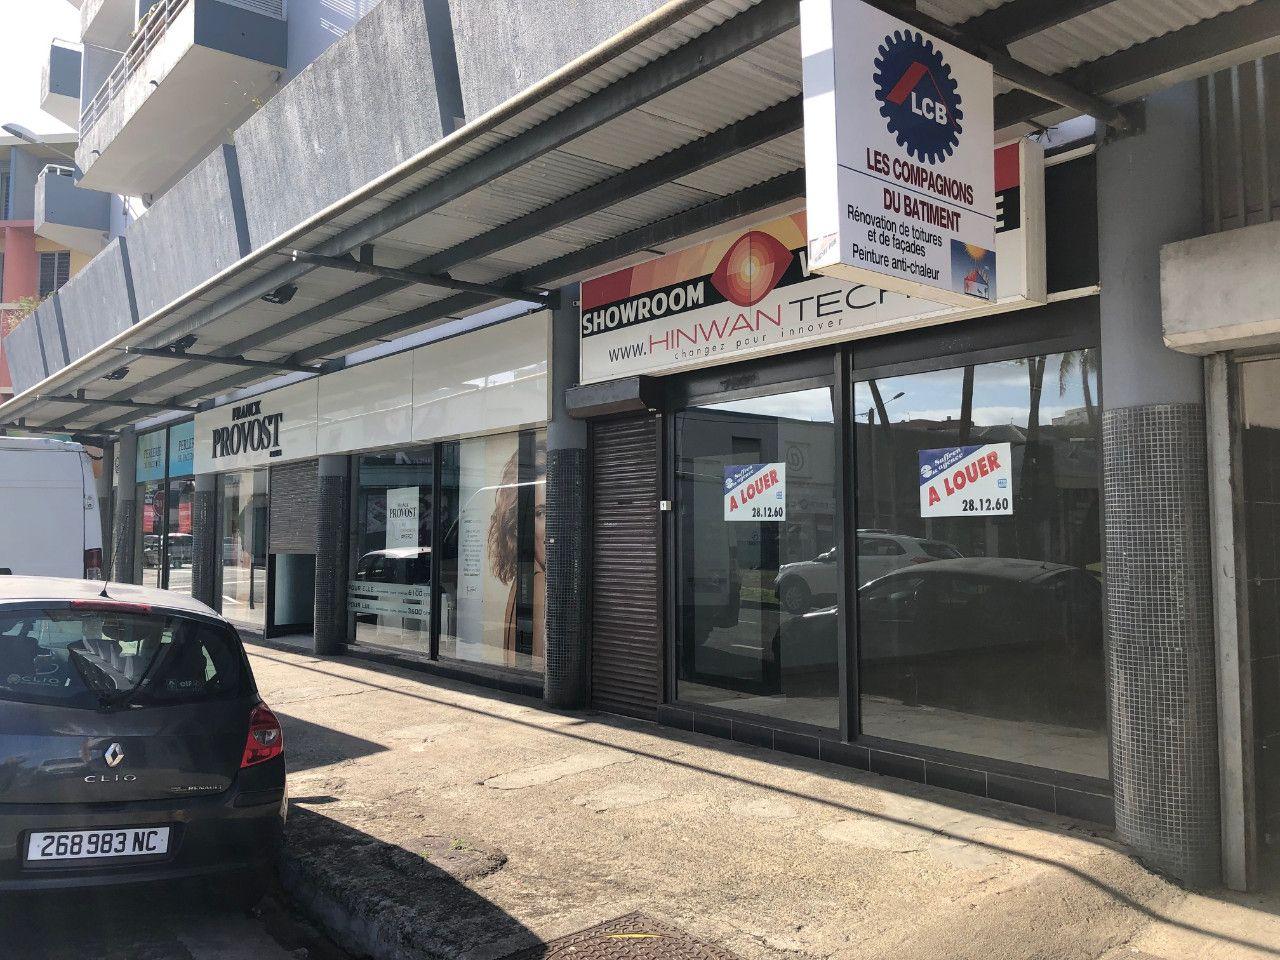 Immobilier d'entreprise - Local commercial Quartier Latin